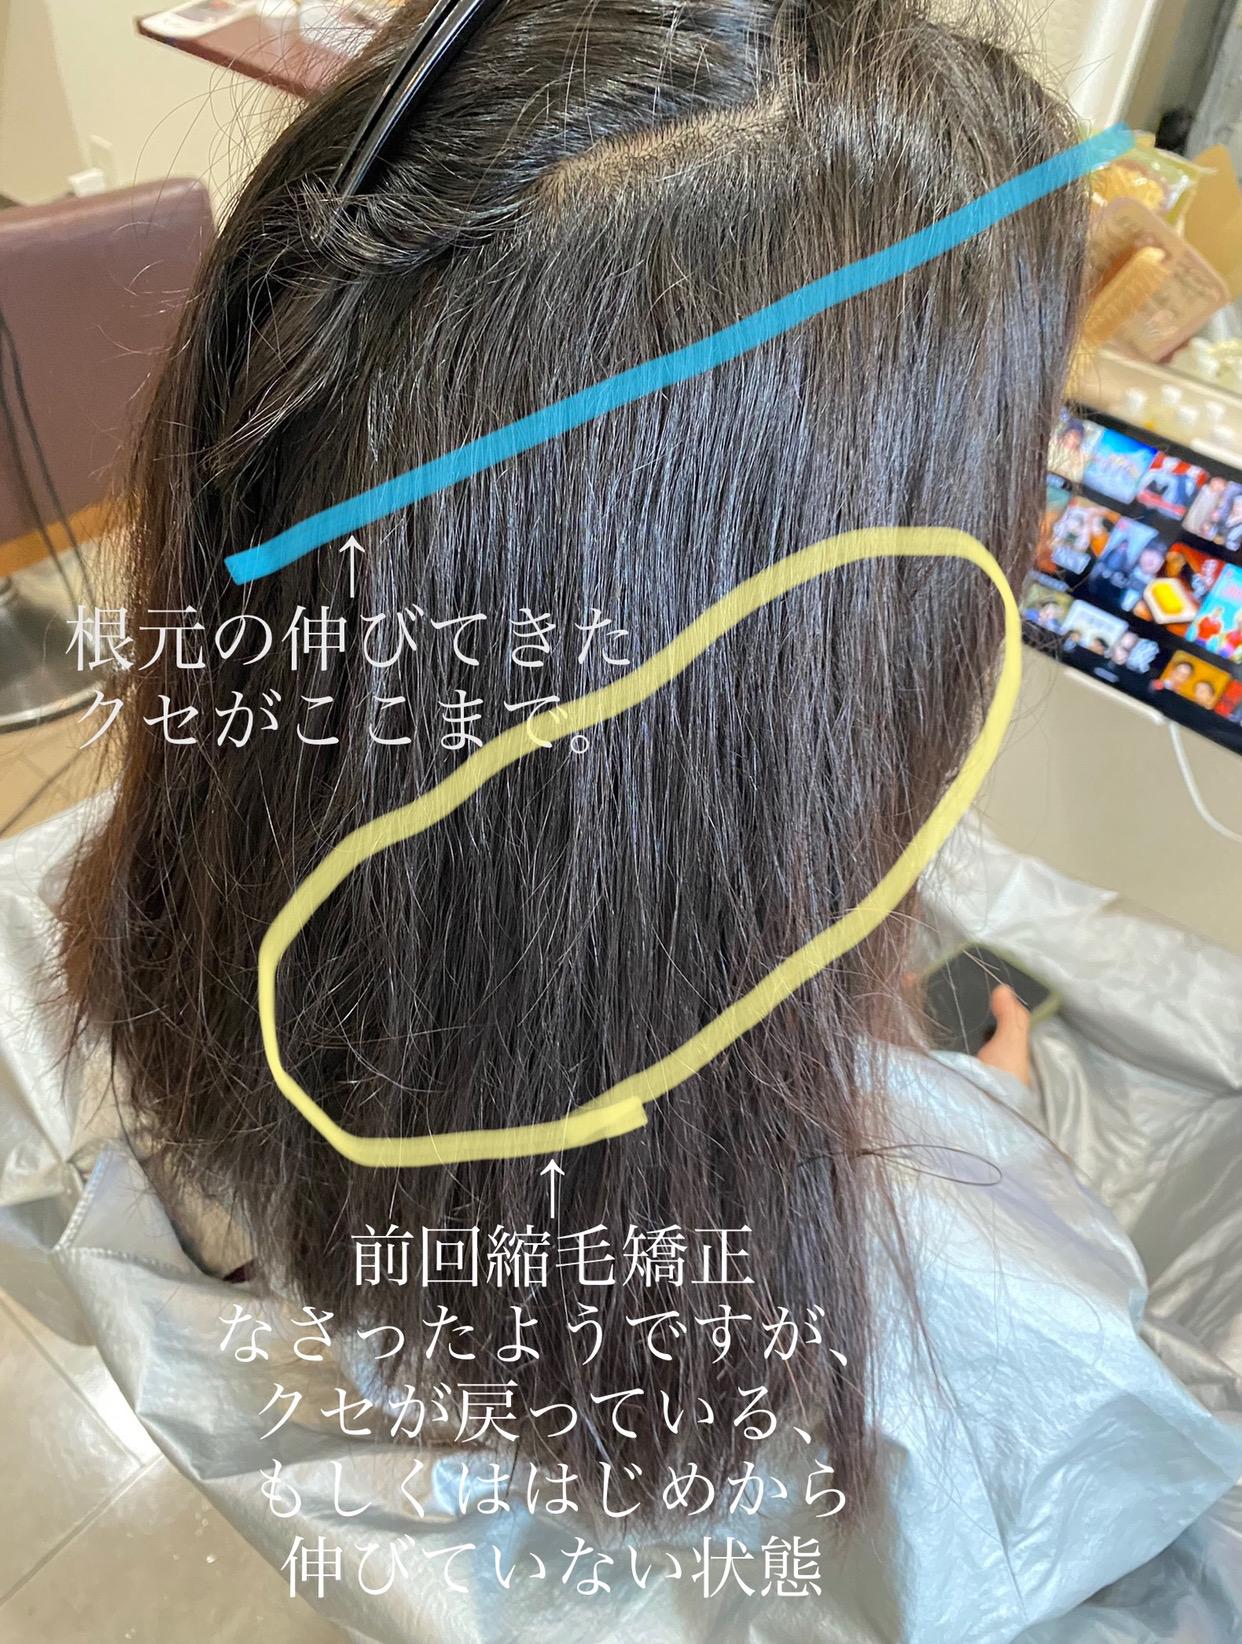 縮毛矯正なさる前の髪の状態を分析 大阪 堺市 高石 和泉 泉大津 岸和田 美容 エステ 髪質改善